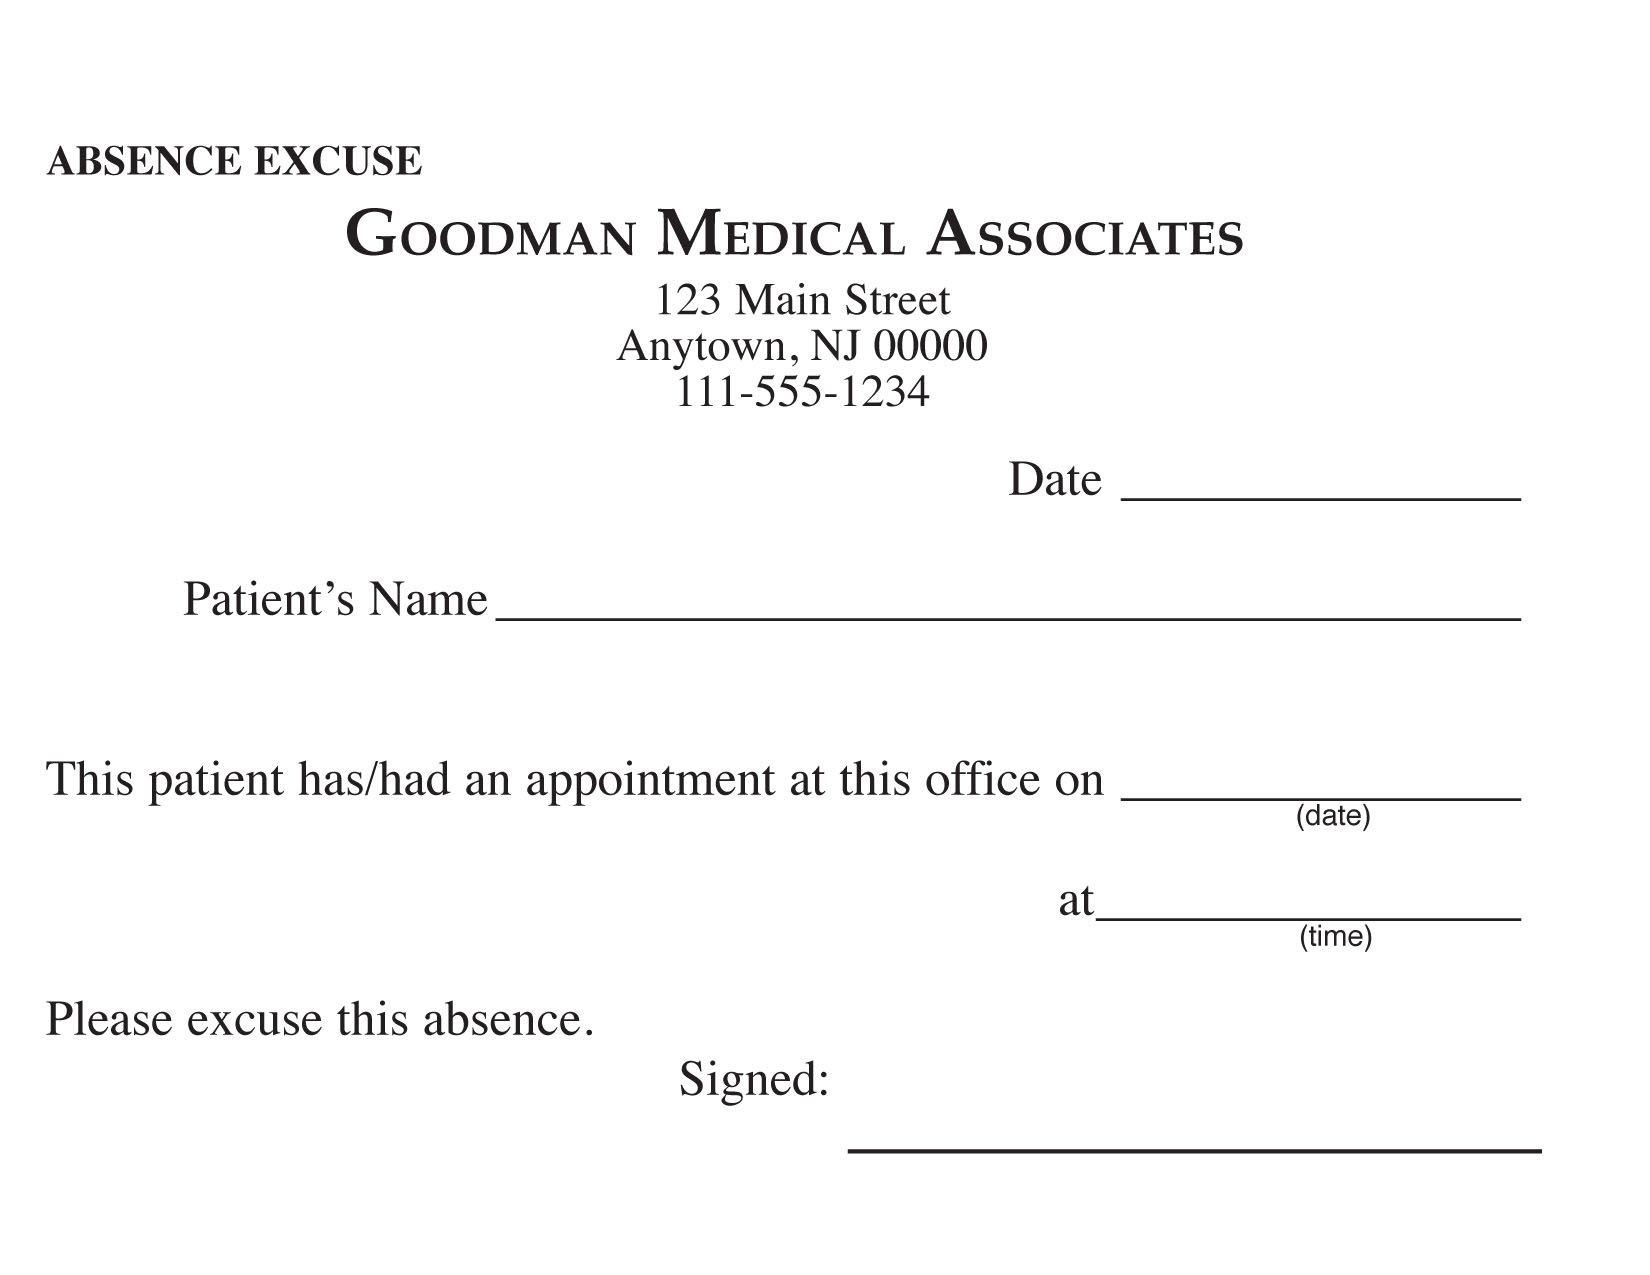 Blank Printable Doctor Excuse Form | Keskes Printing - Mds - Free Printable Doctors Excuse For Work